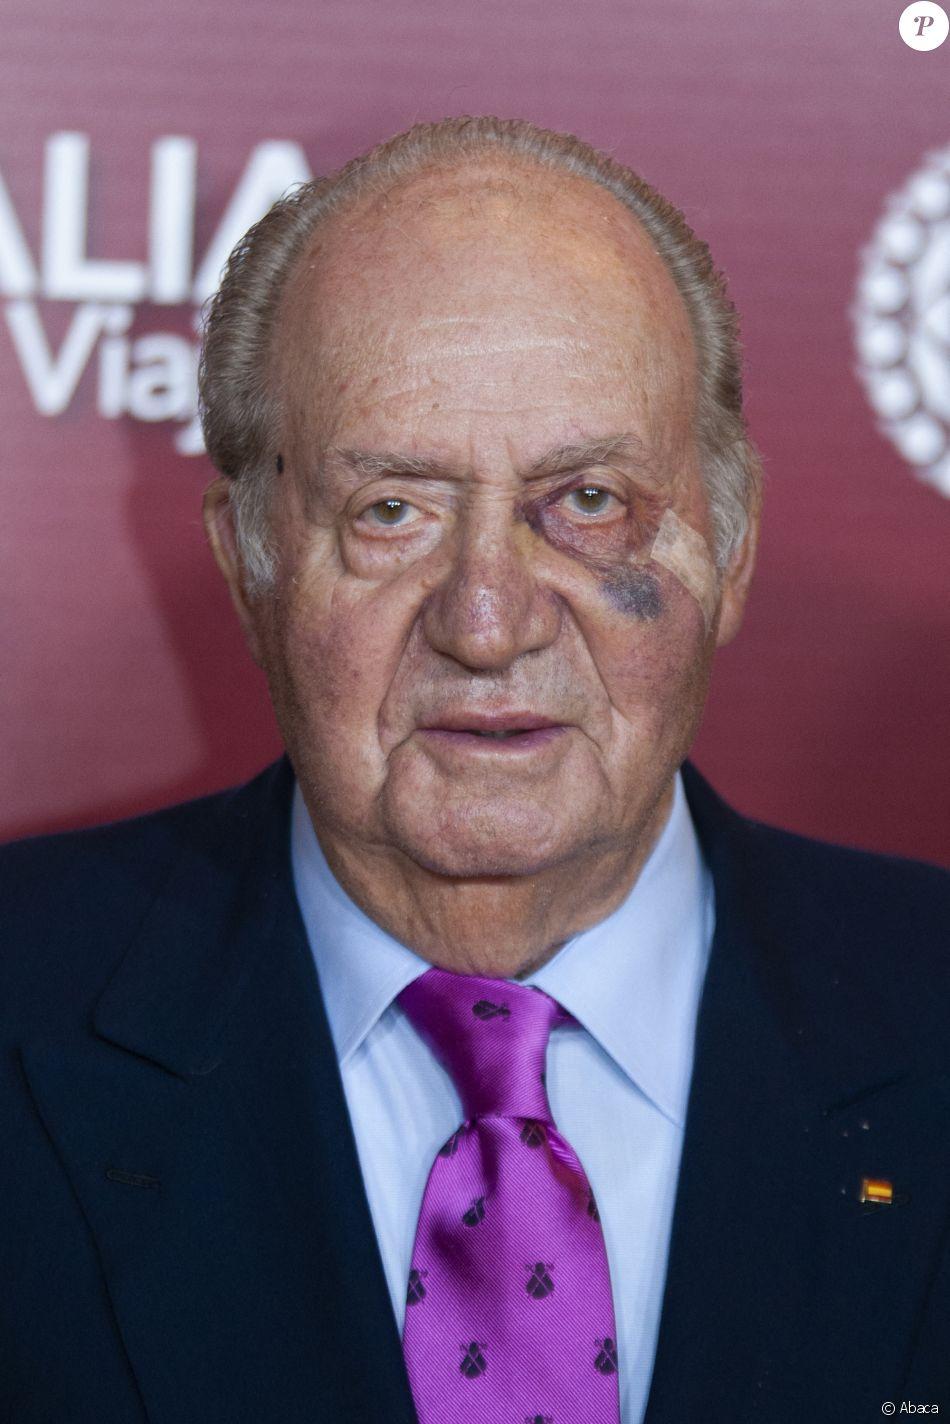 Le roi Juan Carlos Ier d'Espagne, marqué au visage en raison d'une récente intervention chirurgicale, assistait le 22 mars 2019 au gala de présentation de la prochaine Feria de San Isidro, aux arènes de Las Ventas à Madrid.